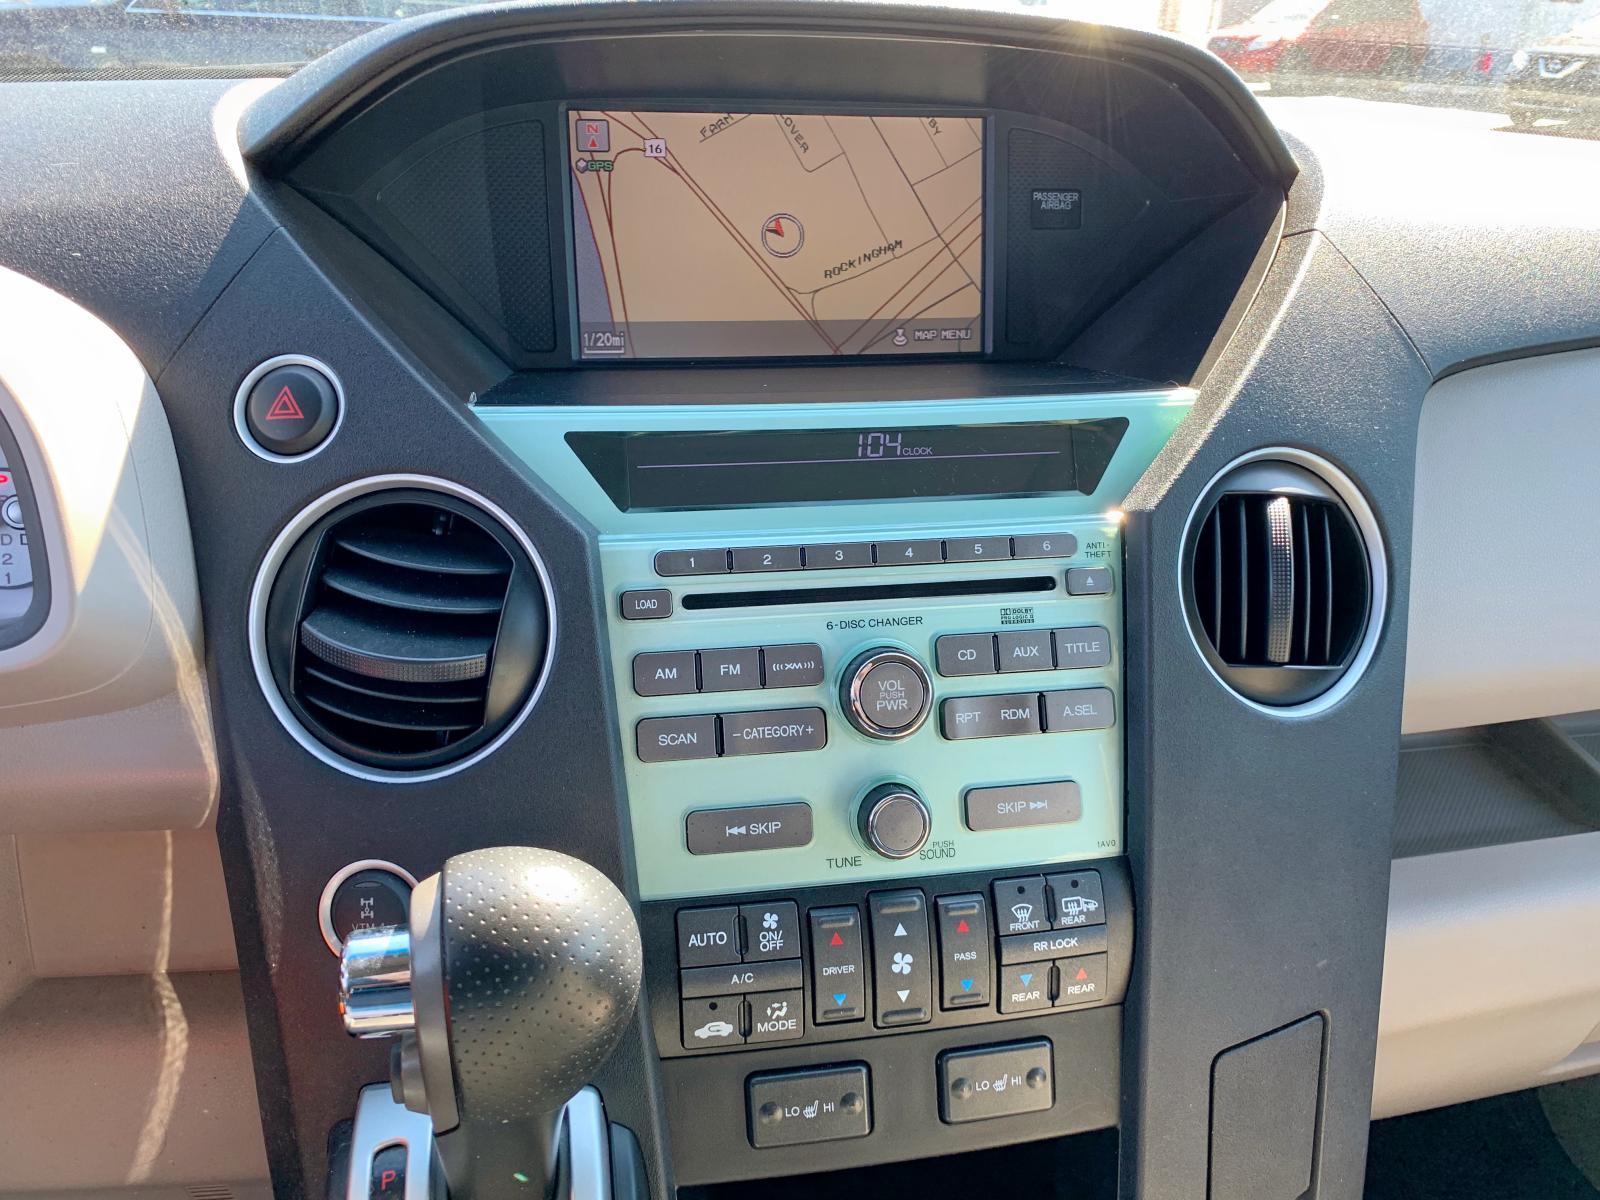 2011 Honda Pilot Exln 3.5L front view